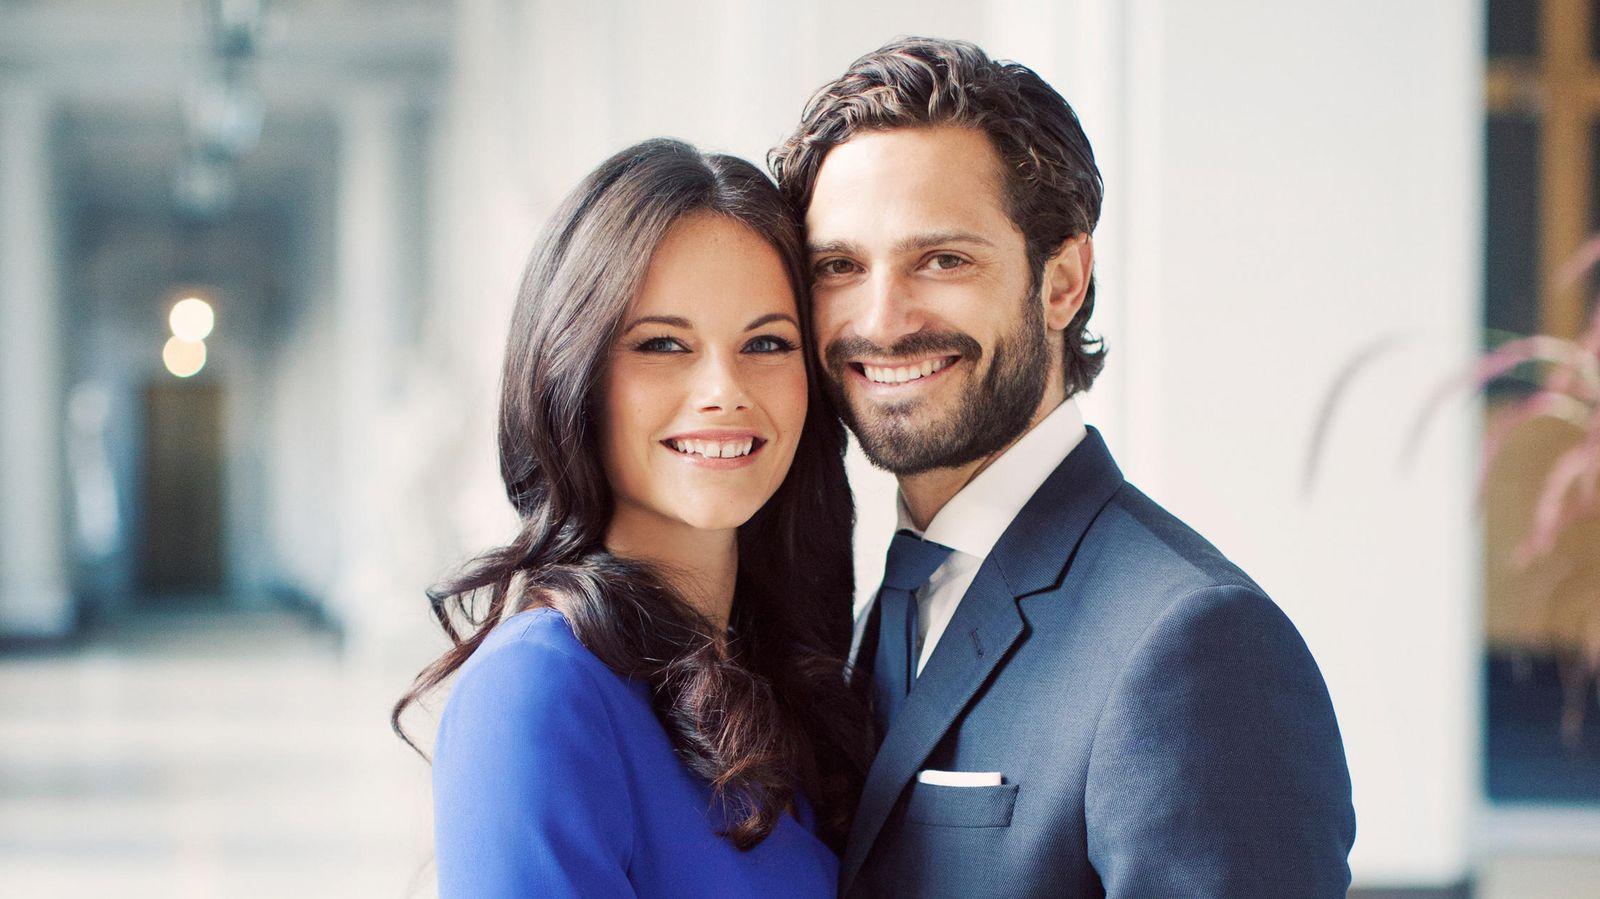 Foto: Carlos Felipe y sofía Hellqvist en una imagen oficial (Gtres)